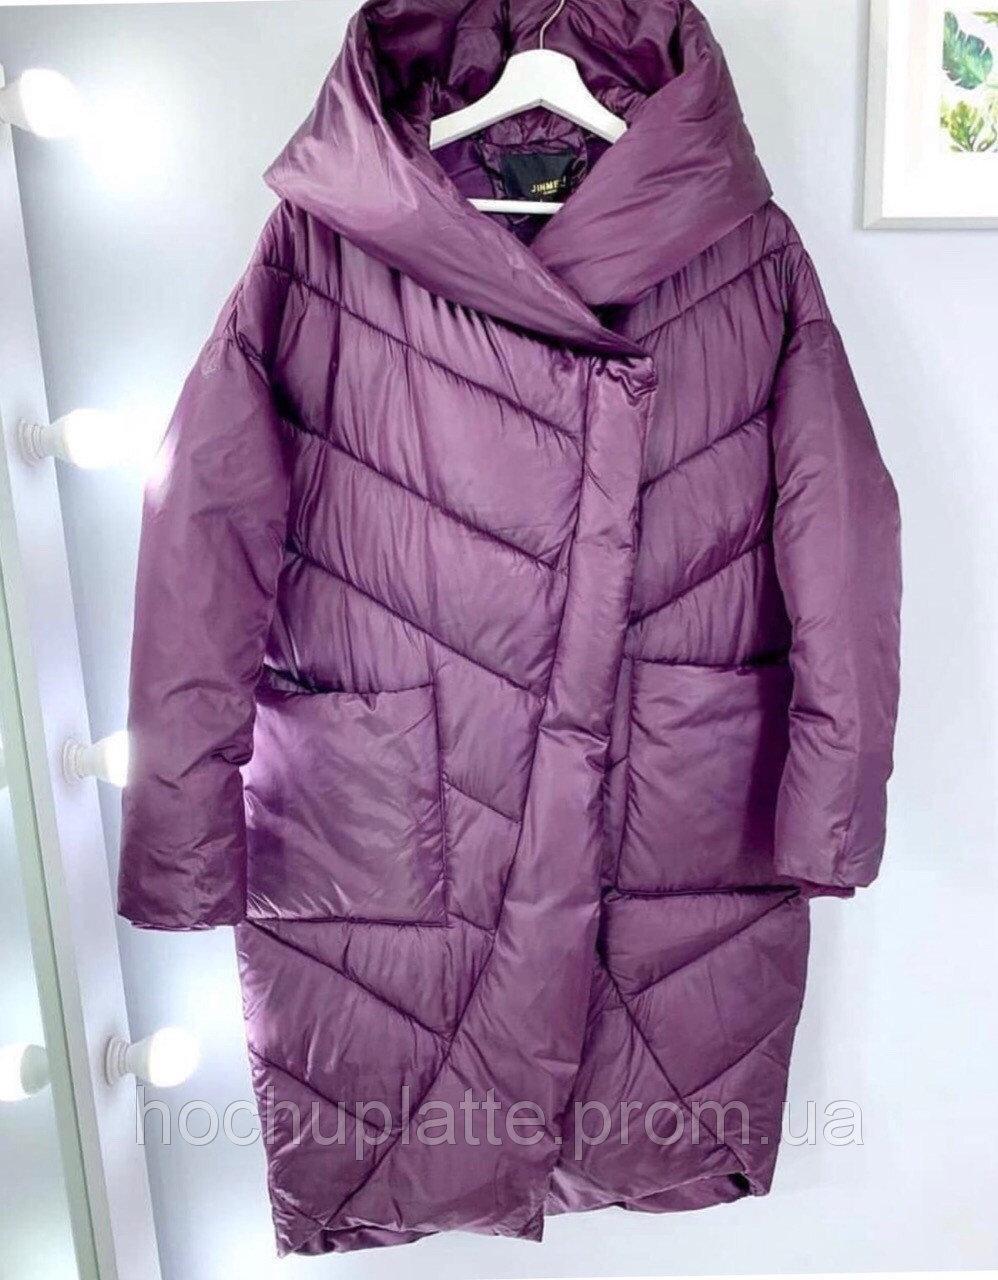 Женская куртка-пальто на холофайбере длиной до колена с карманами и капюшоном  (42-46) Баклажан